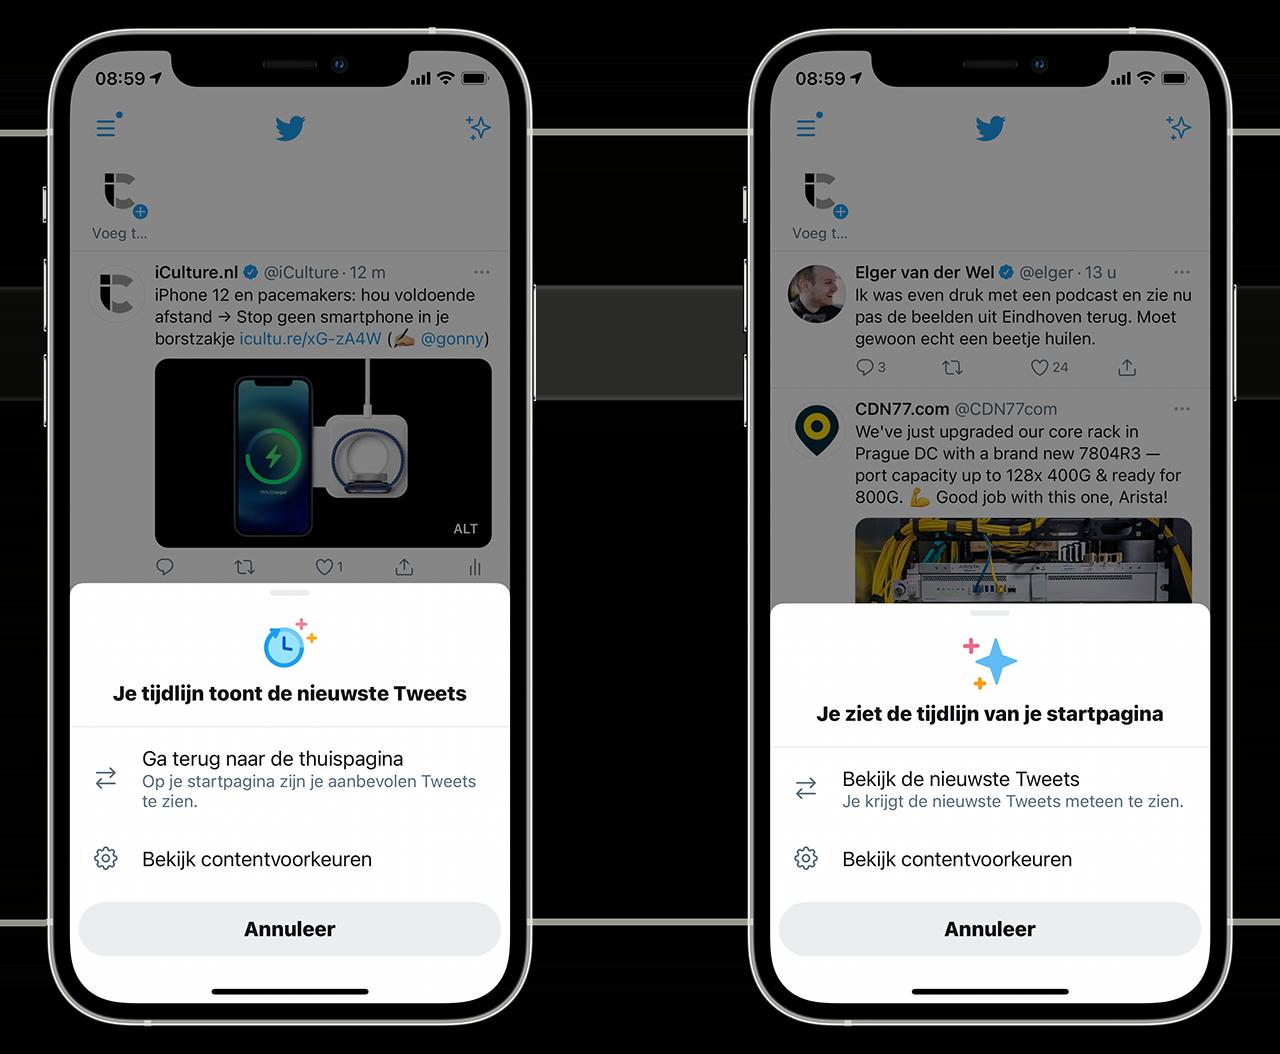 Twitter-berichten op tijd gesorteerd